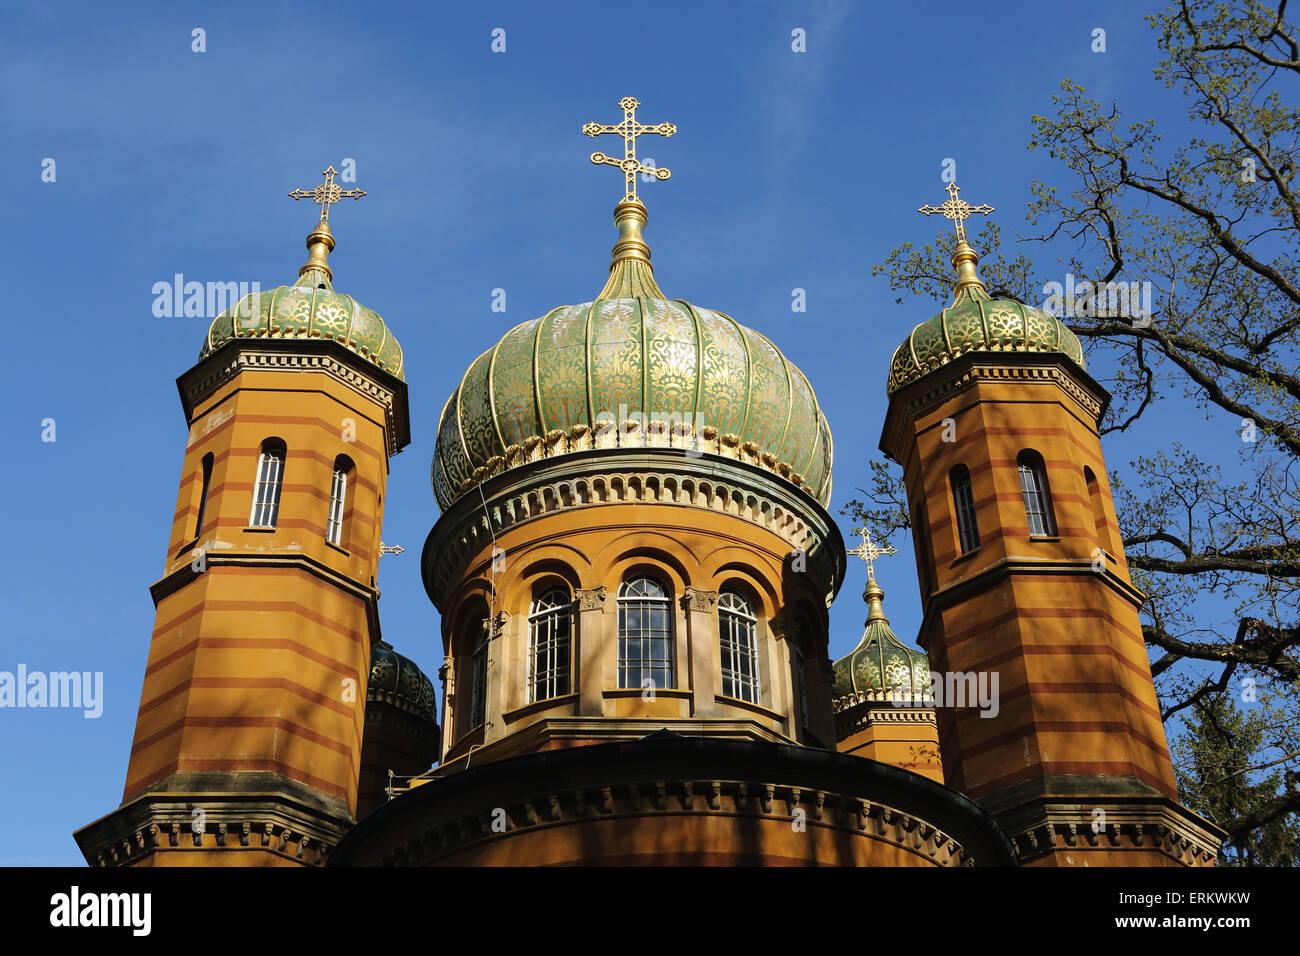 Chapelle Orthodoxe russe, construit de 1860 à 1862 pour la grande-duchesse Maria Palovna, à Weimar, Thuringe, Allemagne, Banque D'Images